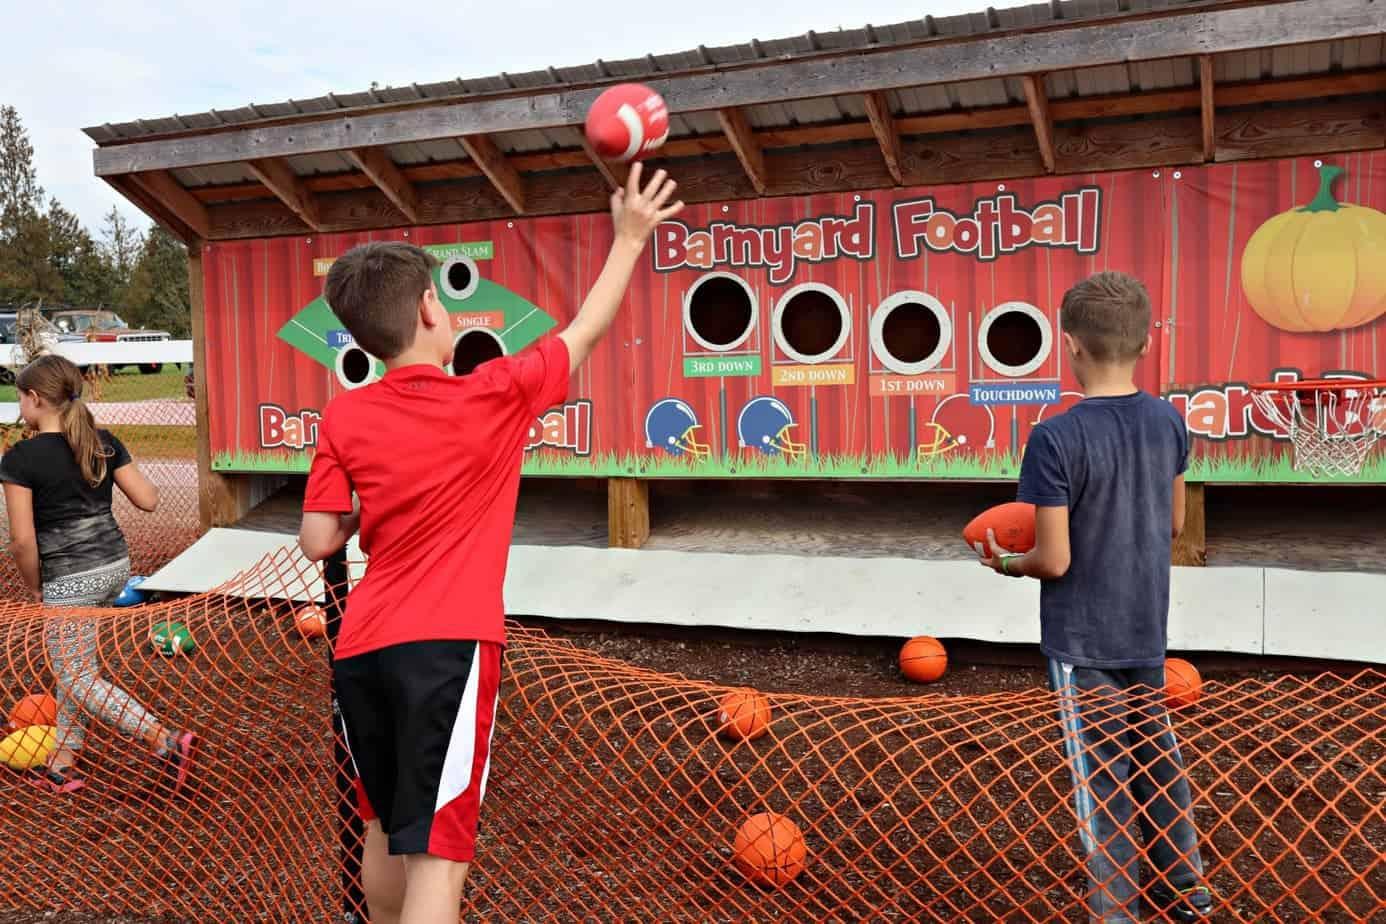 Barnyard Football